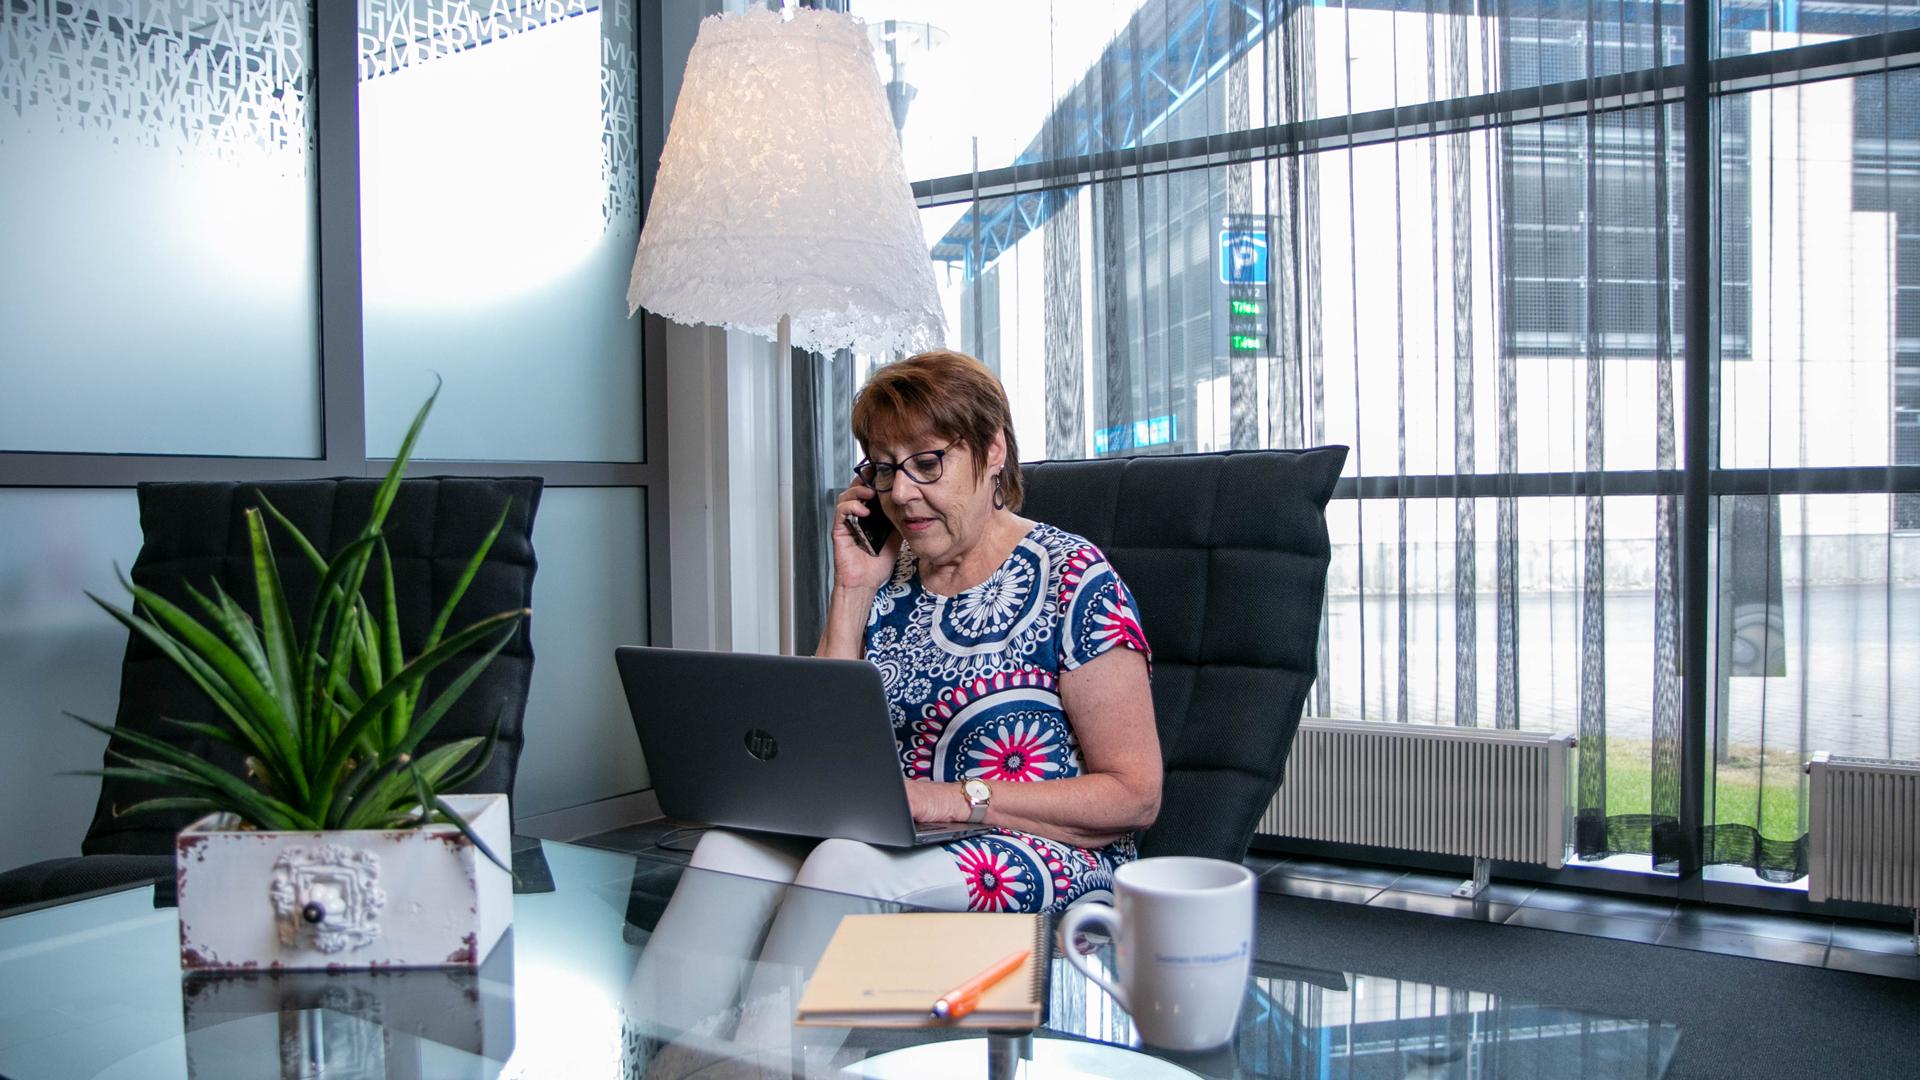 Yritysten kehittämispalveluissa saat apua yrityksesi kehittämiseen Analyysista ja Konsultoinnista.